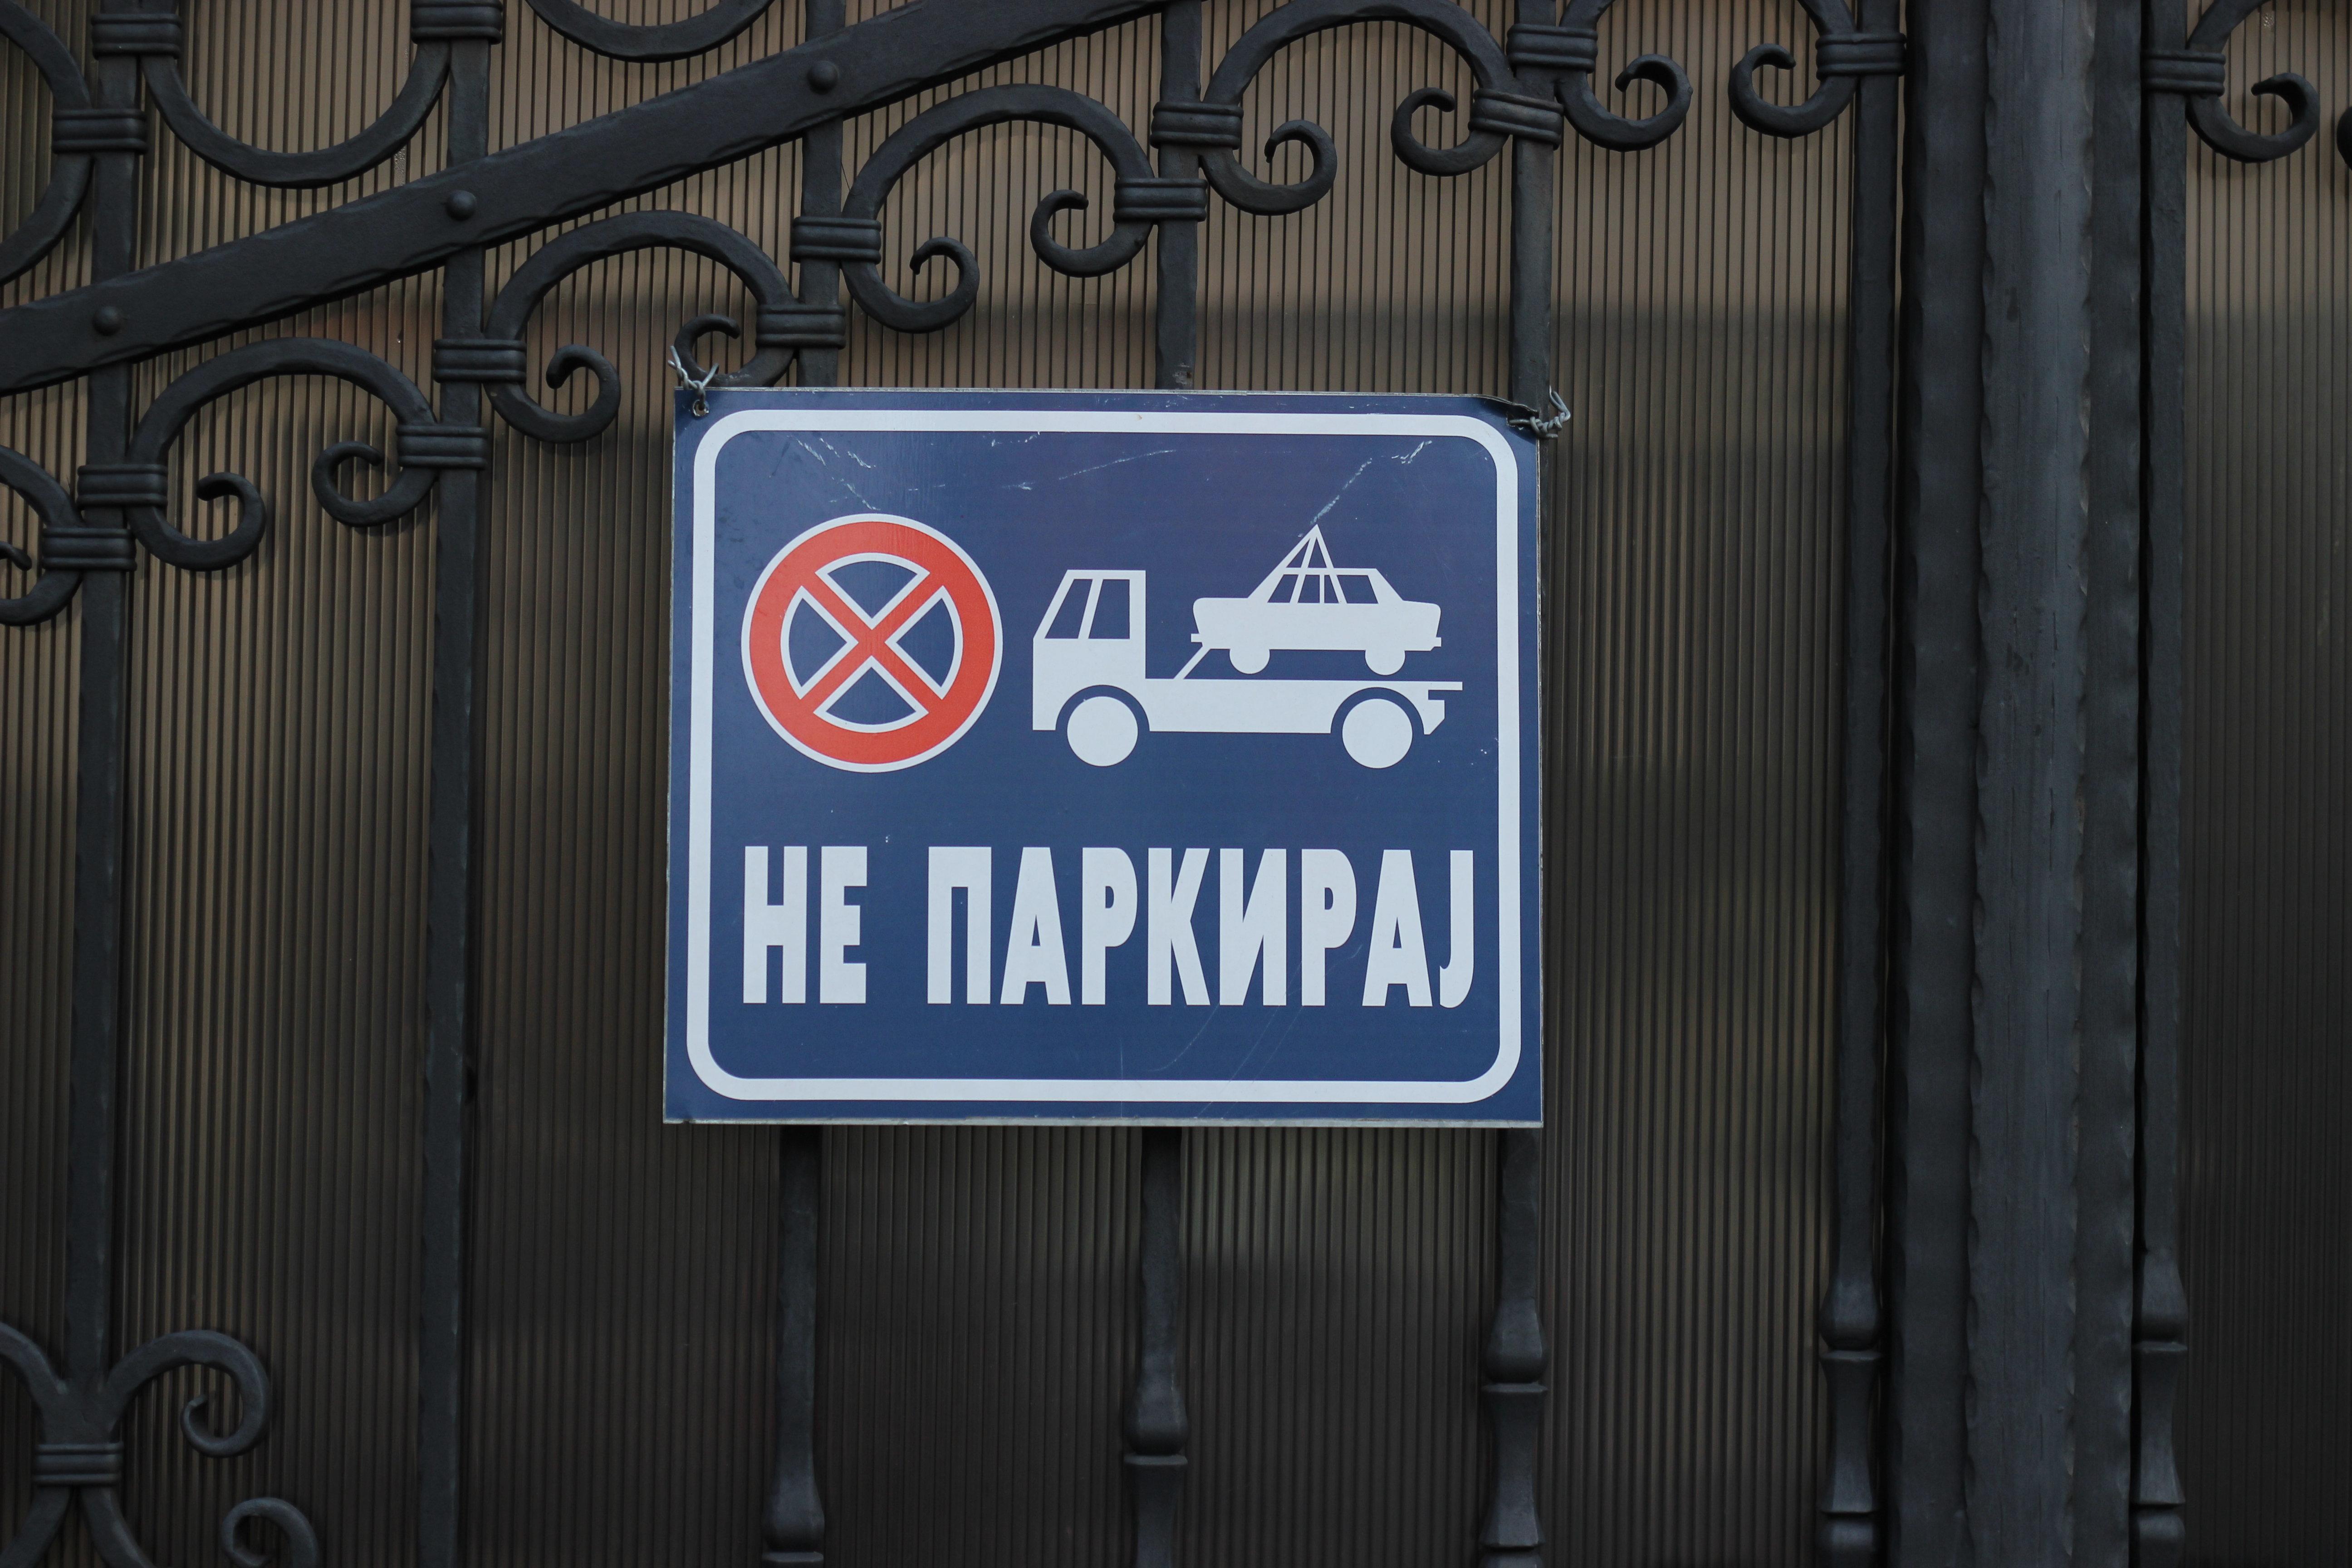 Τα κυριλλικά η επίσημη γλώσσα γραφής δια νόμου στη Σερβία